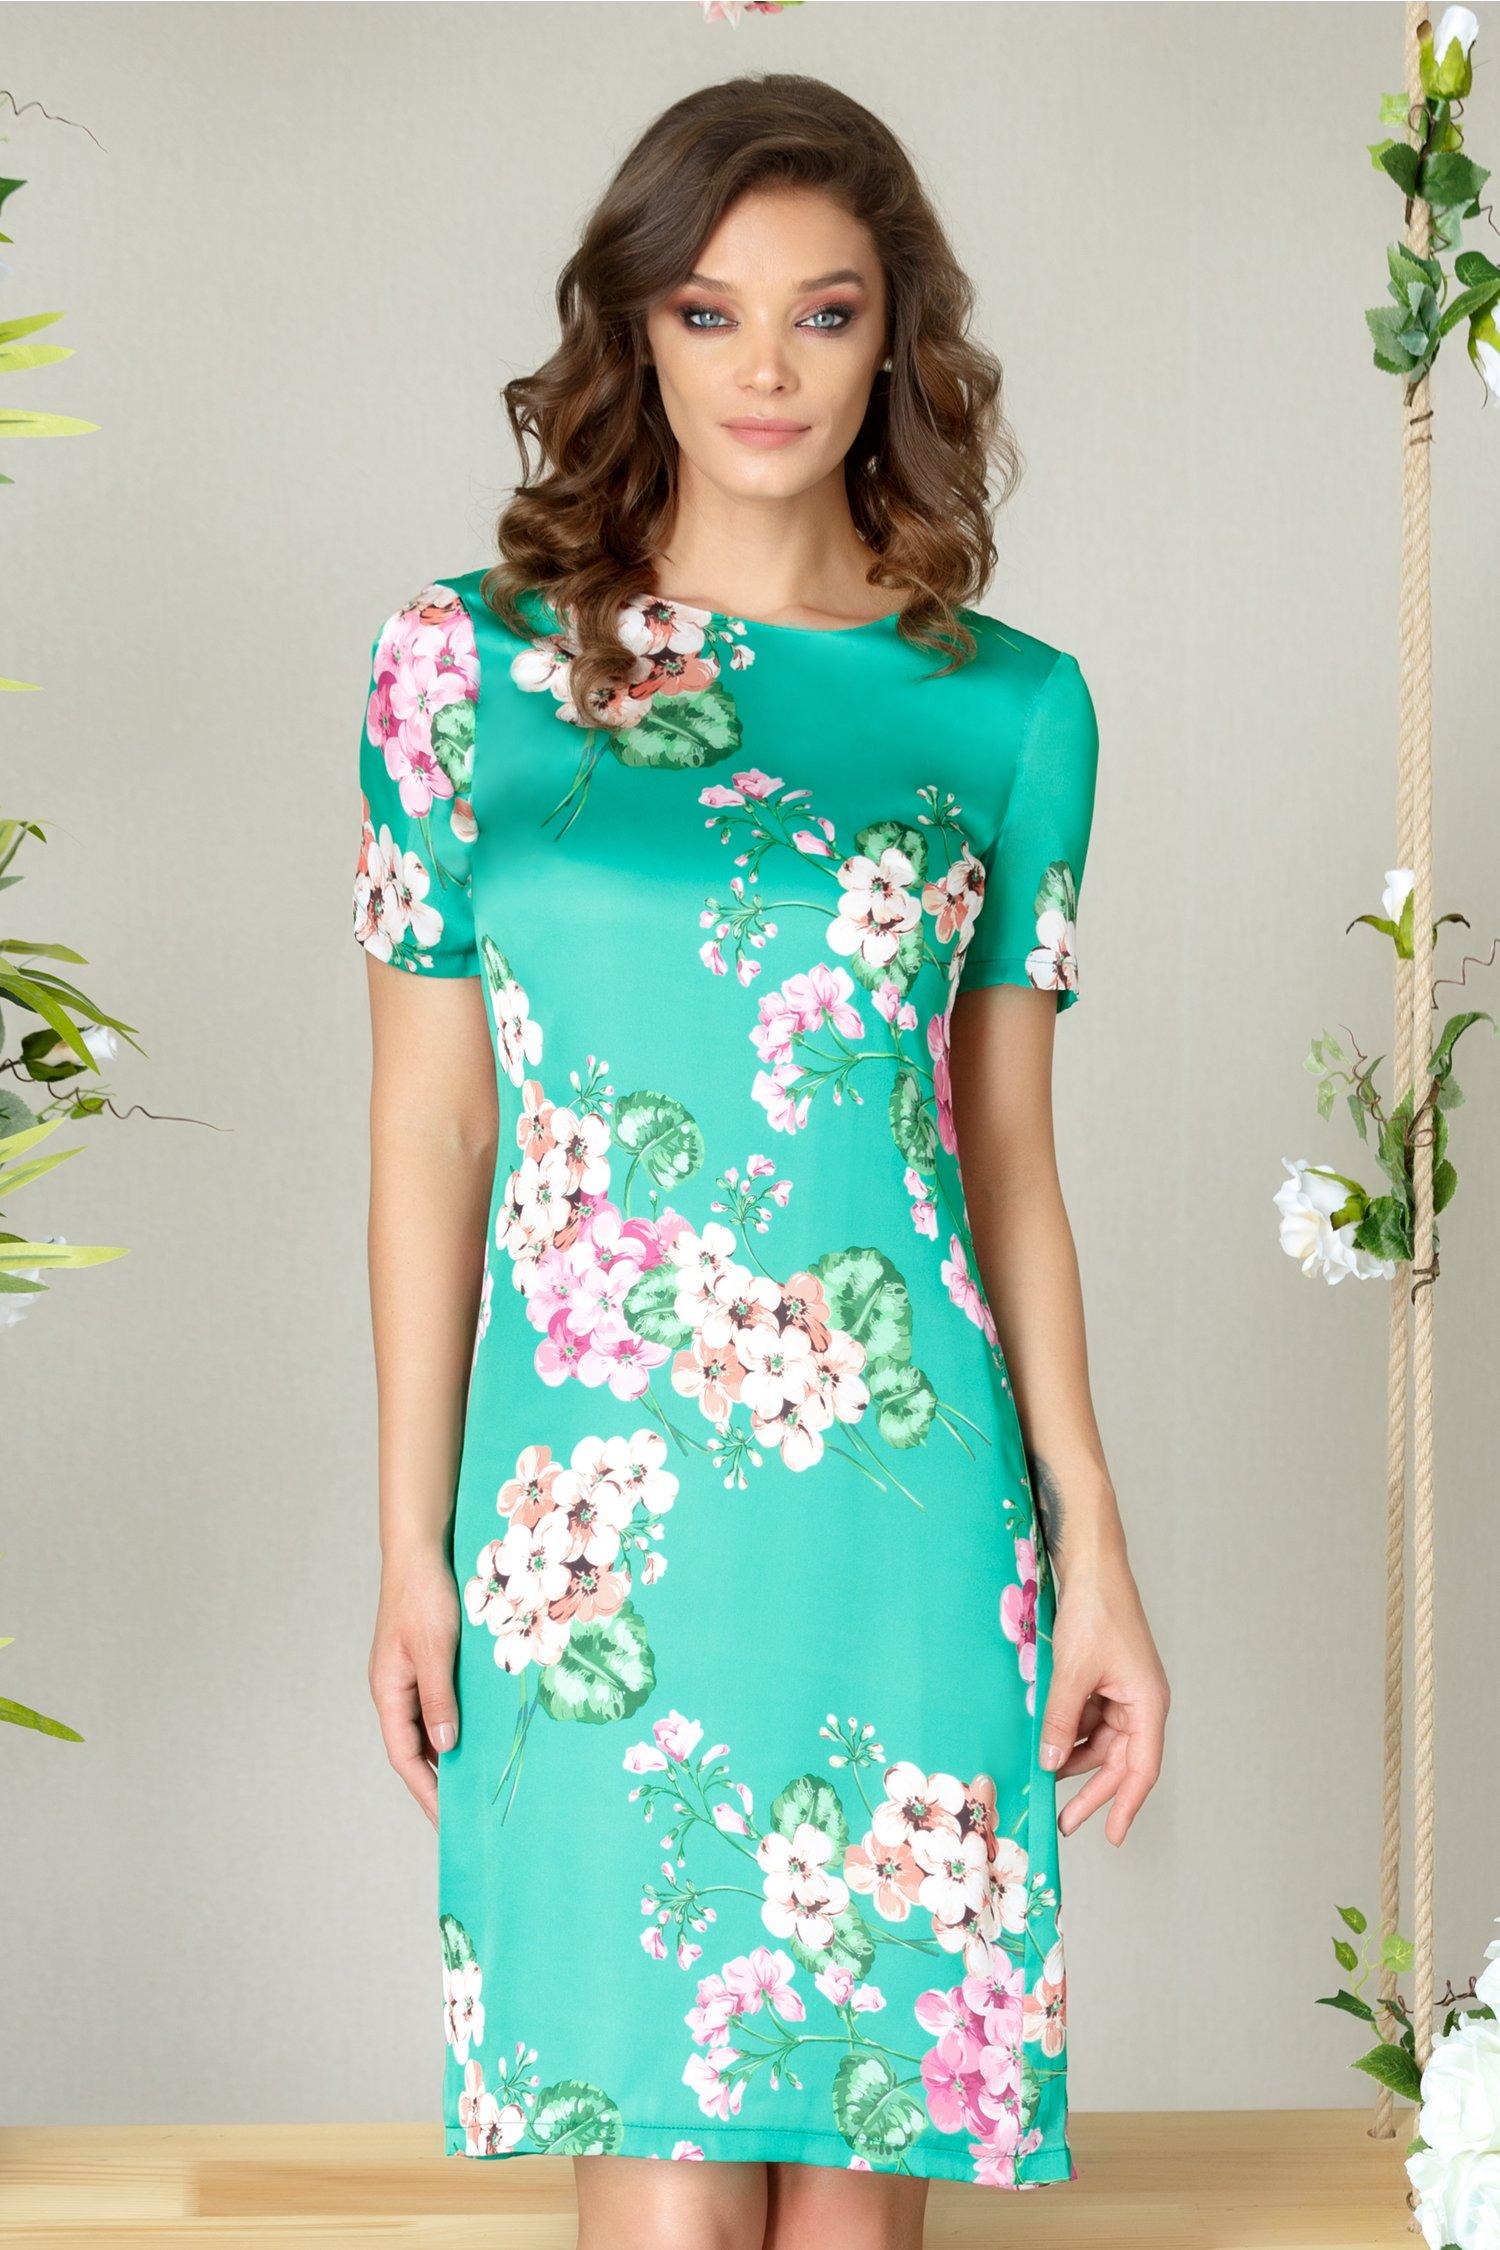 Rochie Keesha verde de vara cu imprimeu floral deosebit